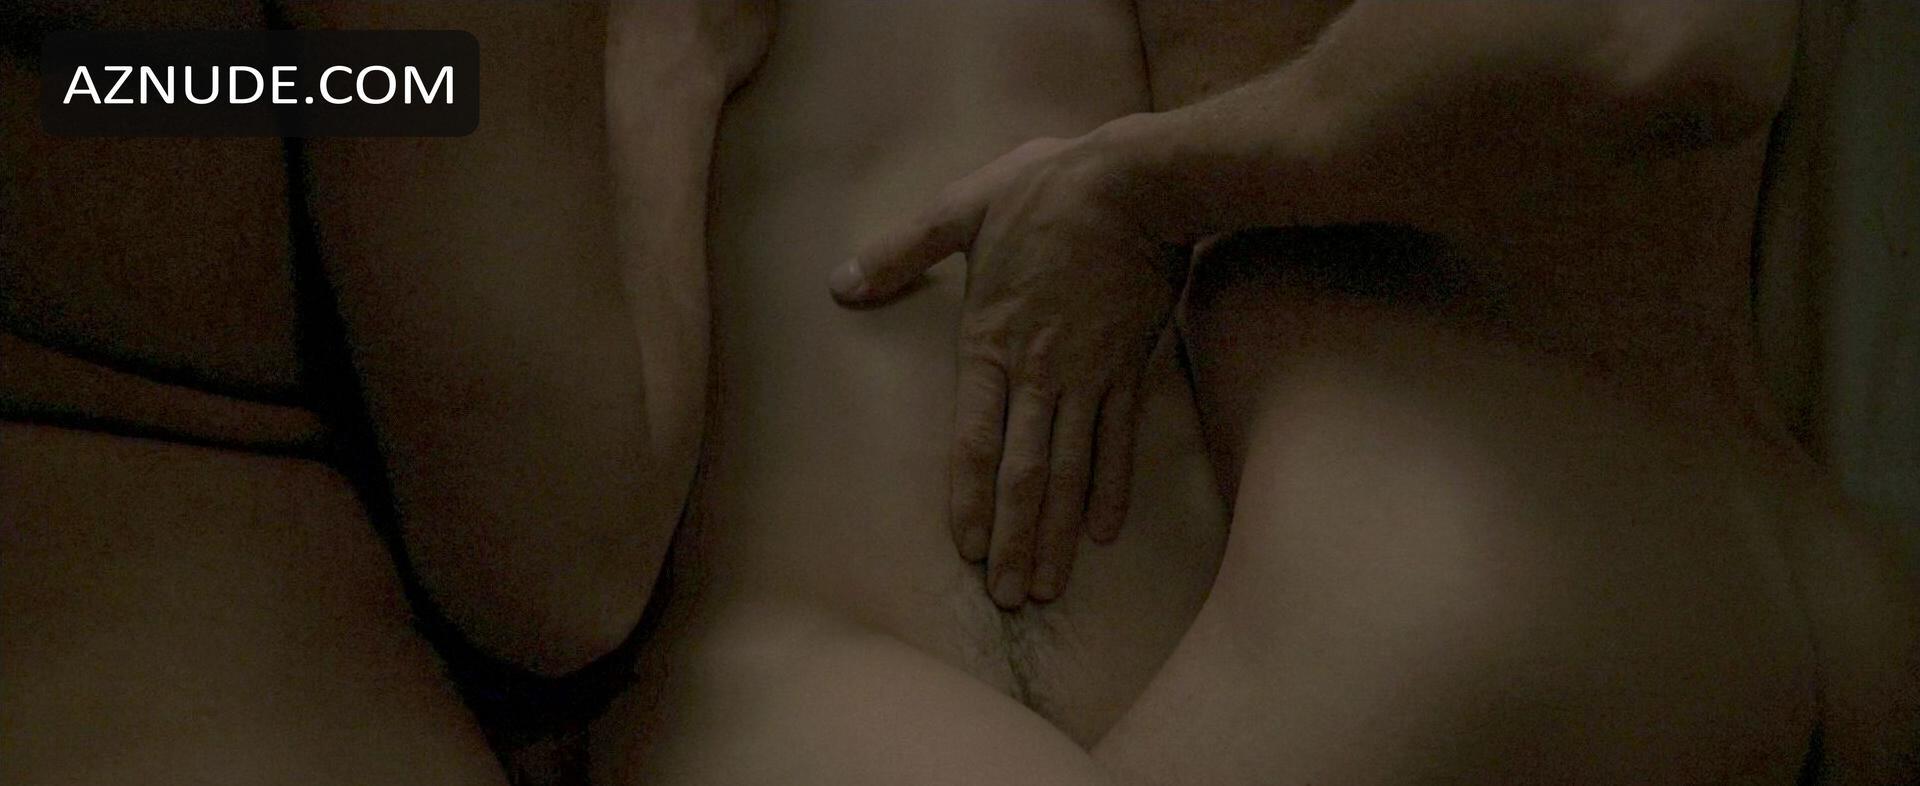 Hannah barron nipple